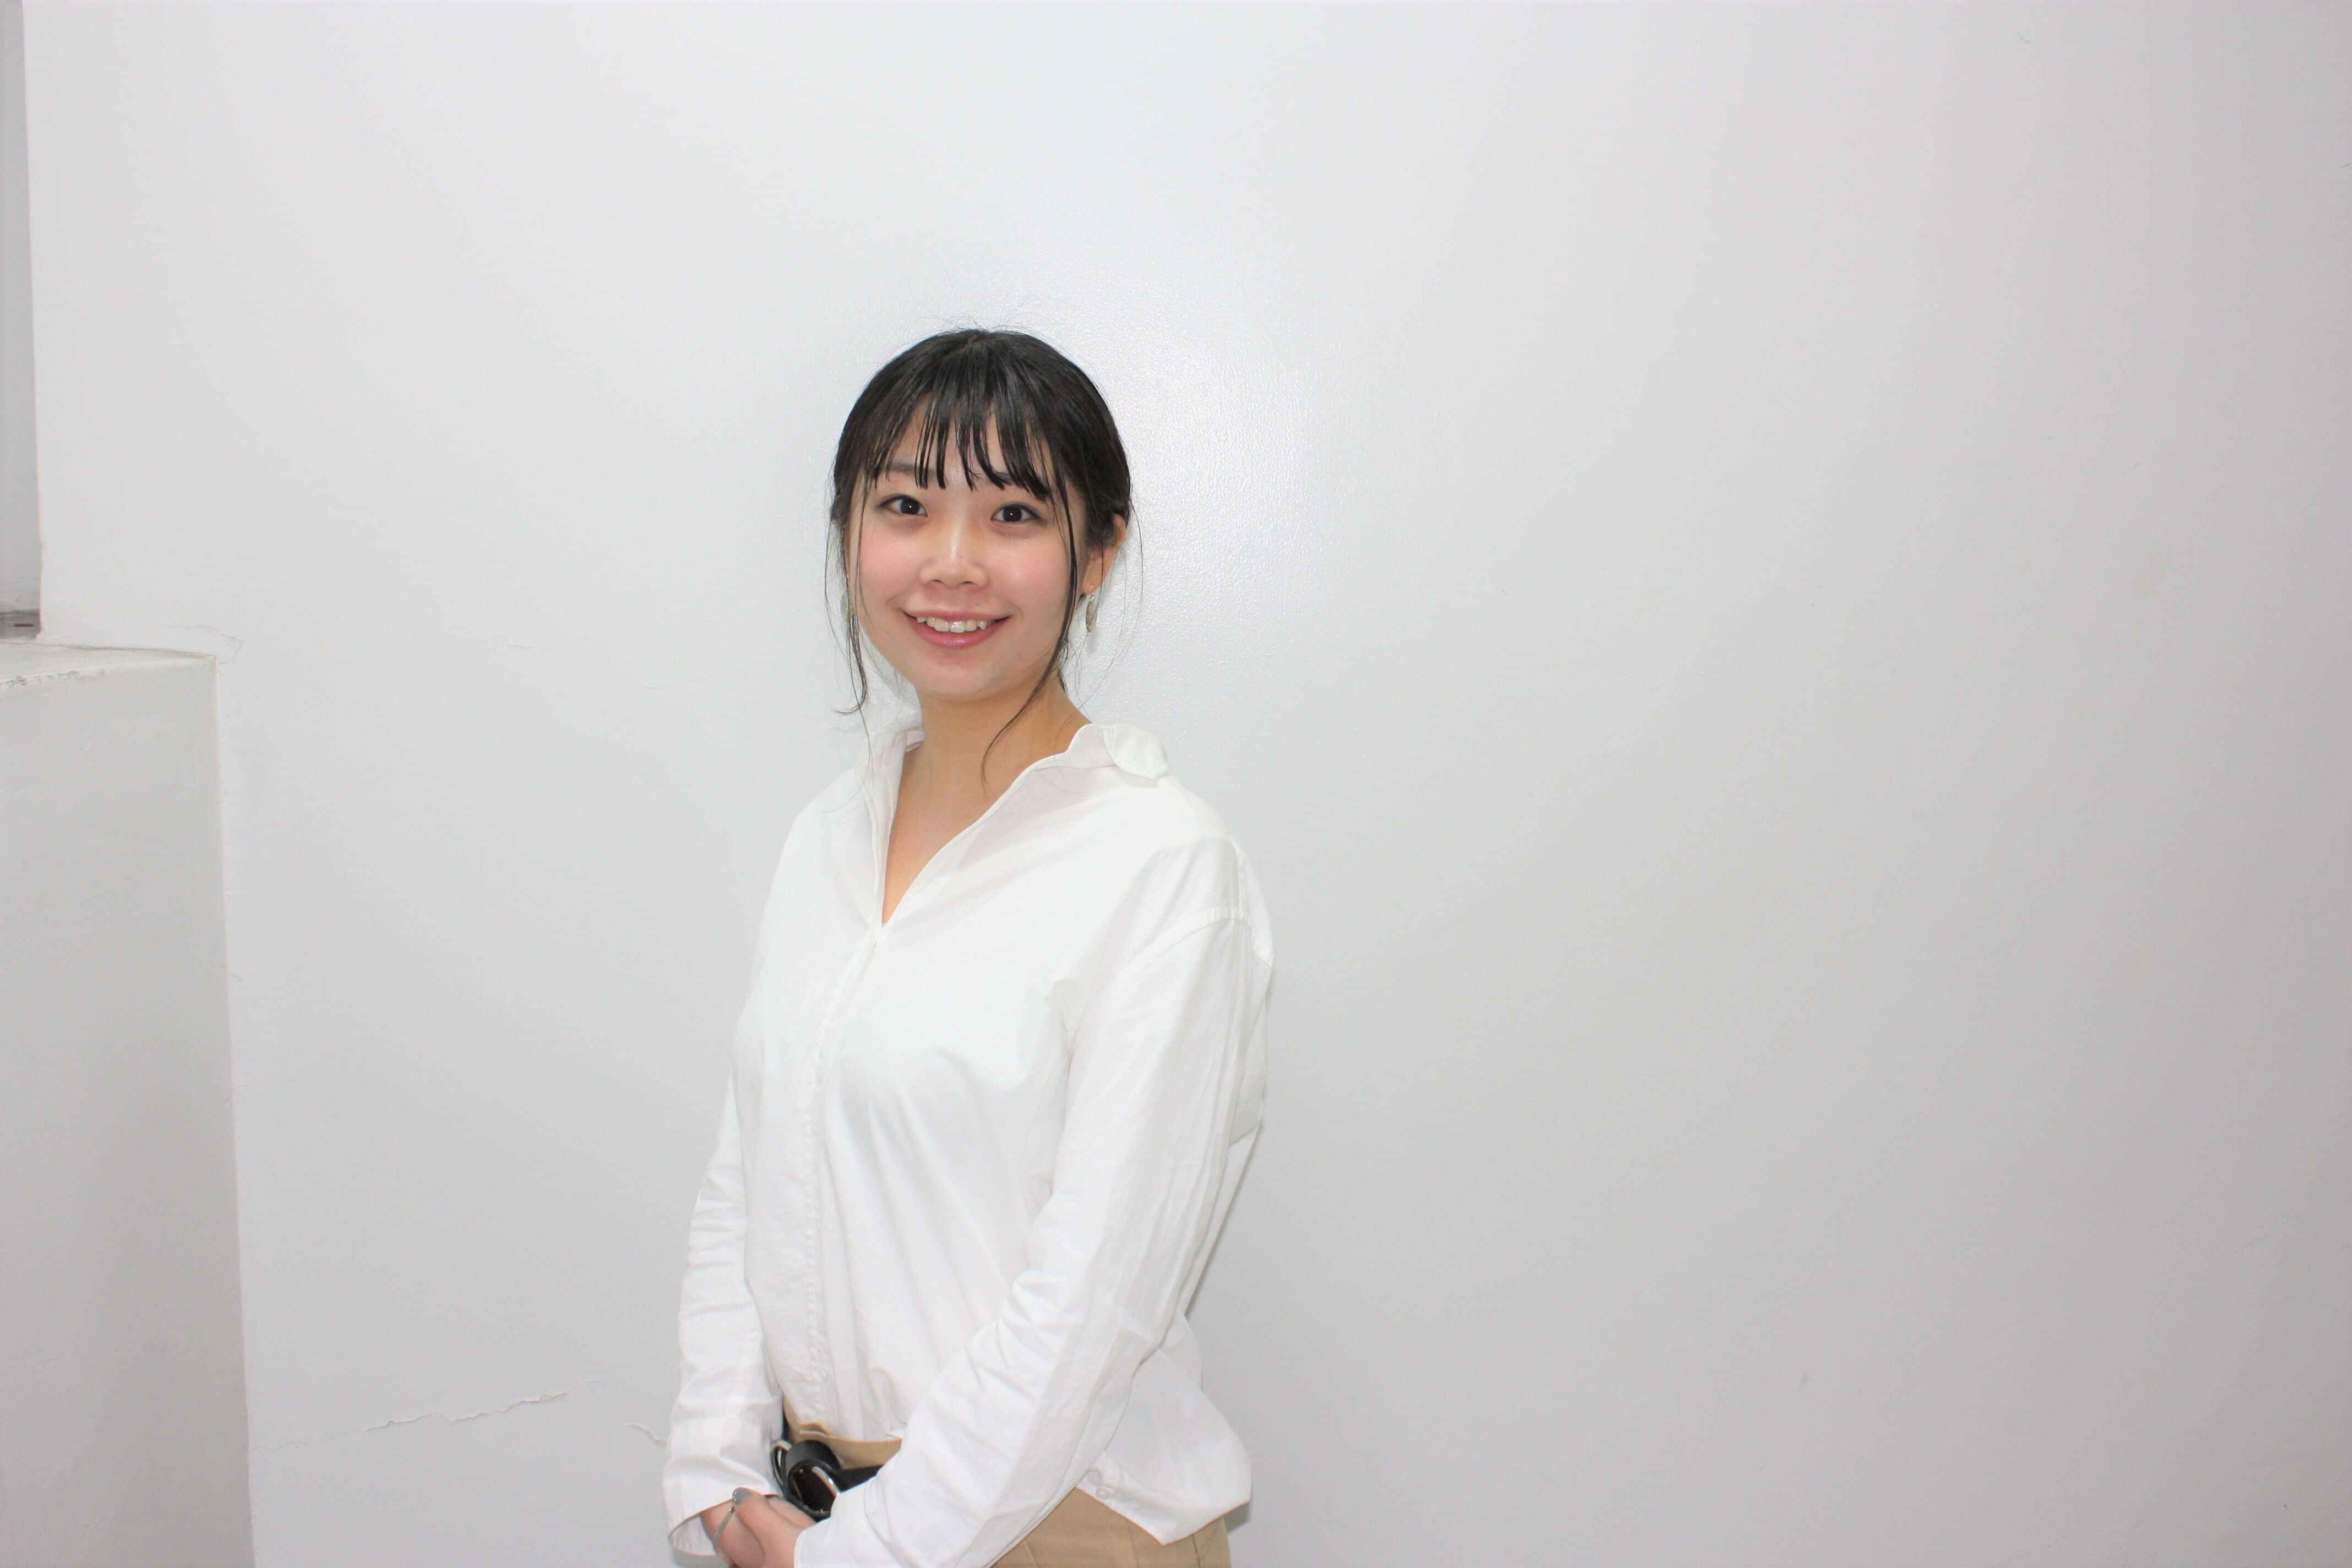 コーディネーター 福士 真奈(ふくし まな)